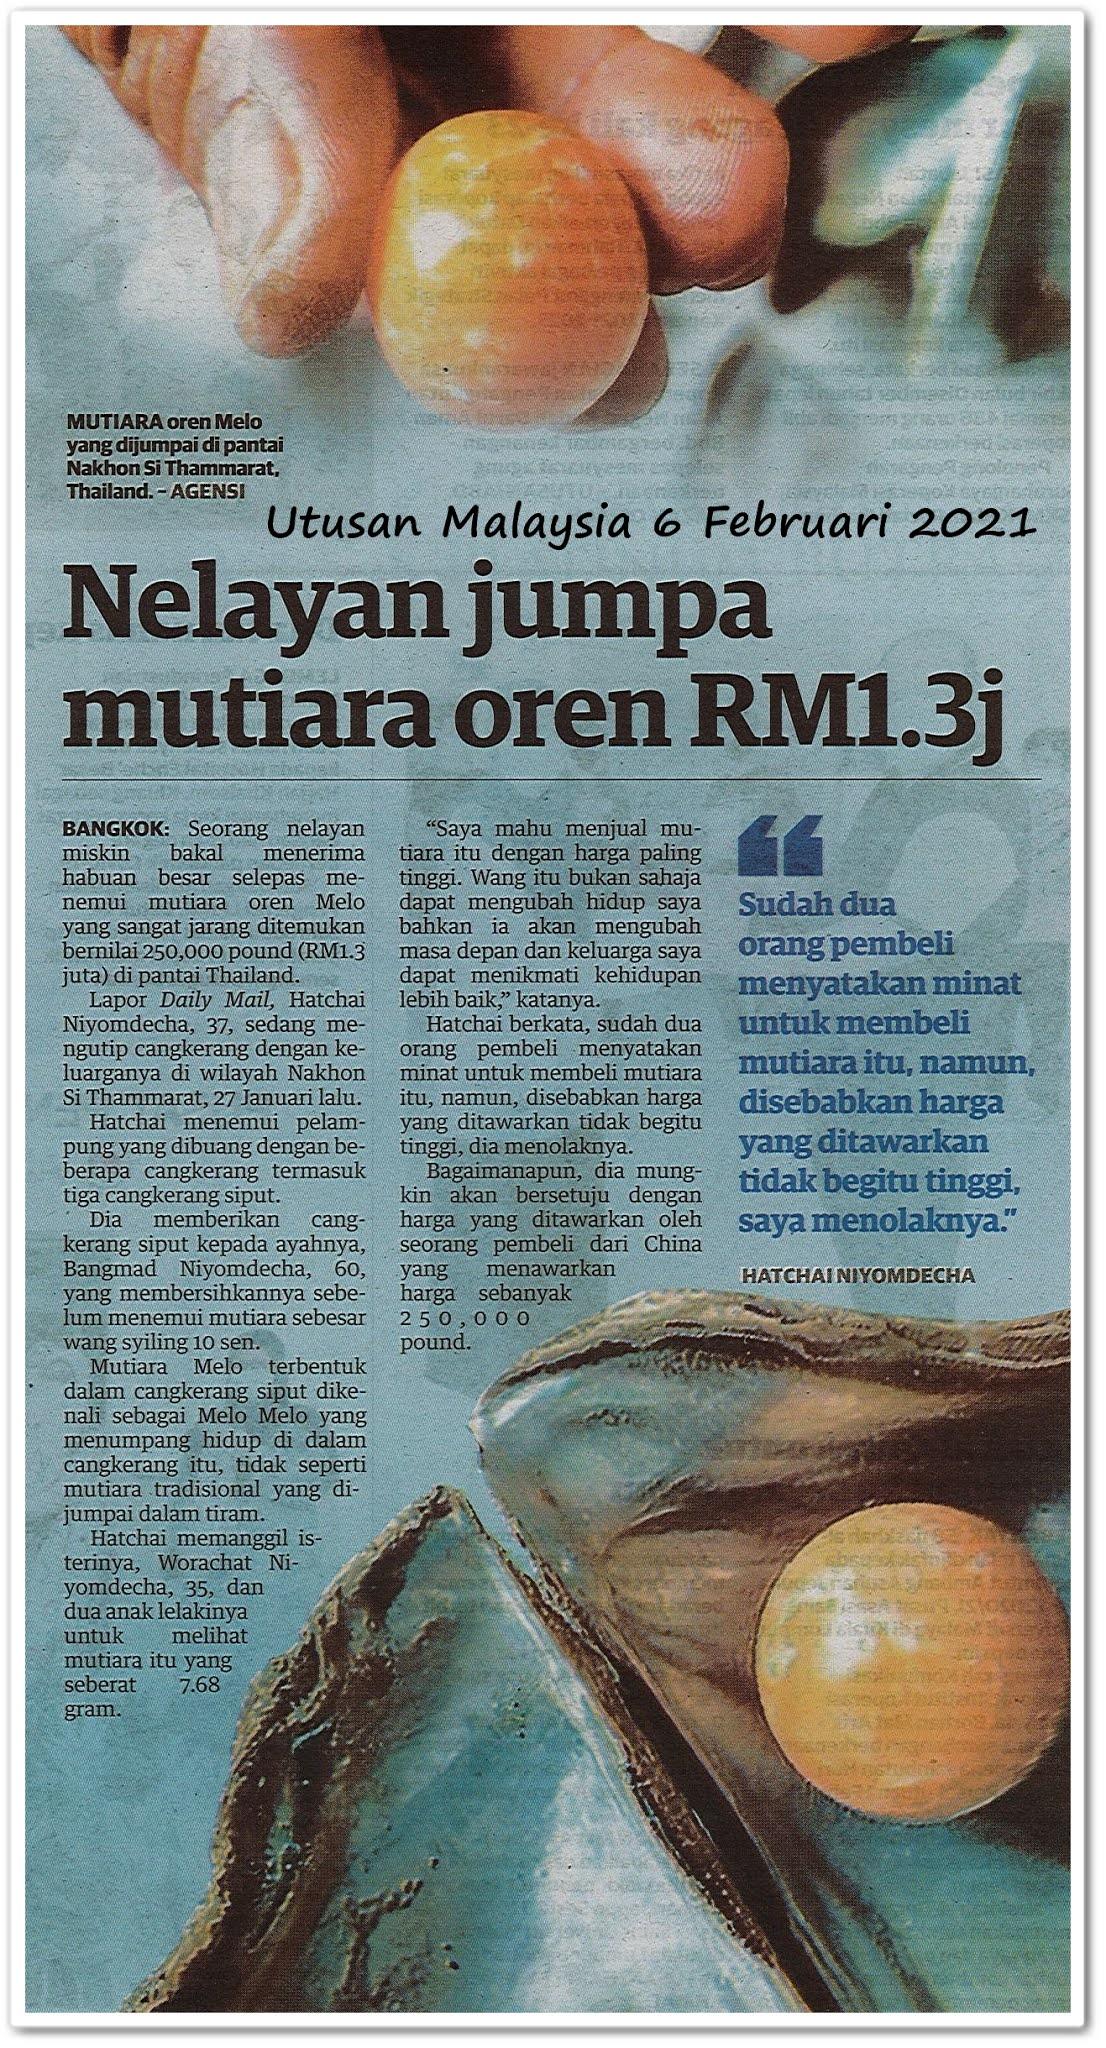 Nelayan jumpa mutiara oren RM1.3j - Keratan akhbar Utusan Malaysia 6 Februari 2021